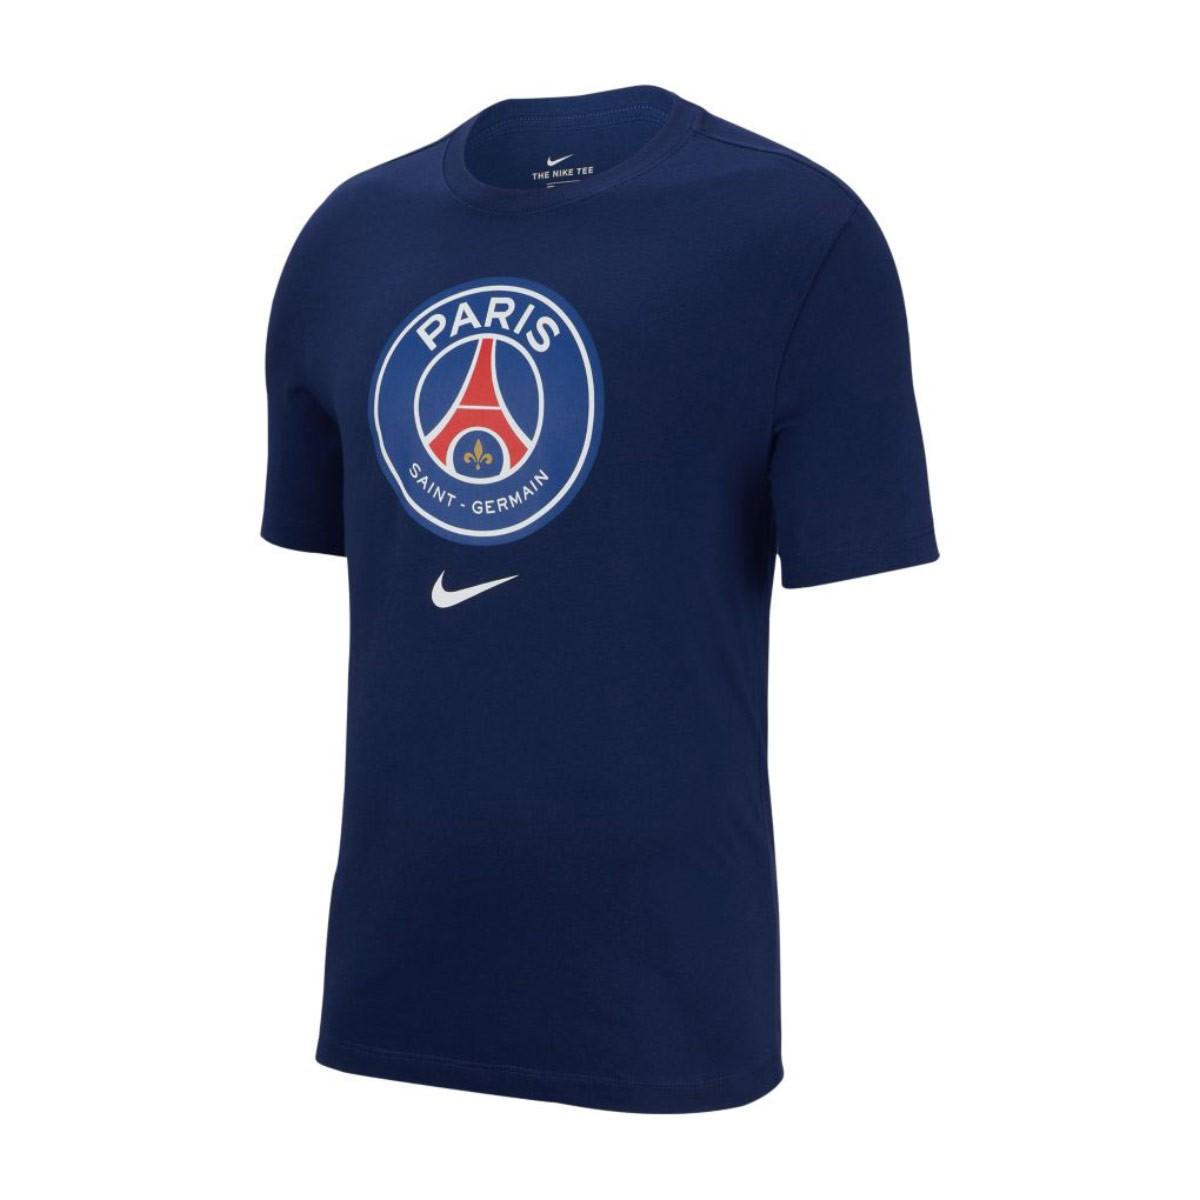 Jersey Nike Paris Saint-Germain Evergreen Crest 2018-2019 Midnight ... 03e49b90e